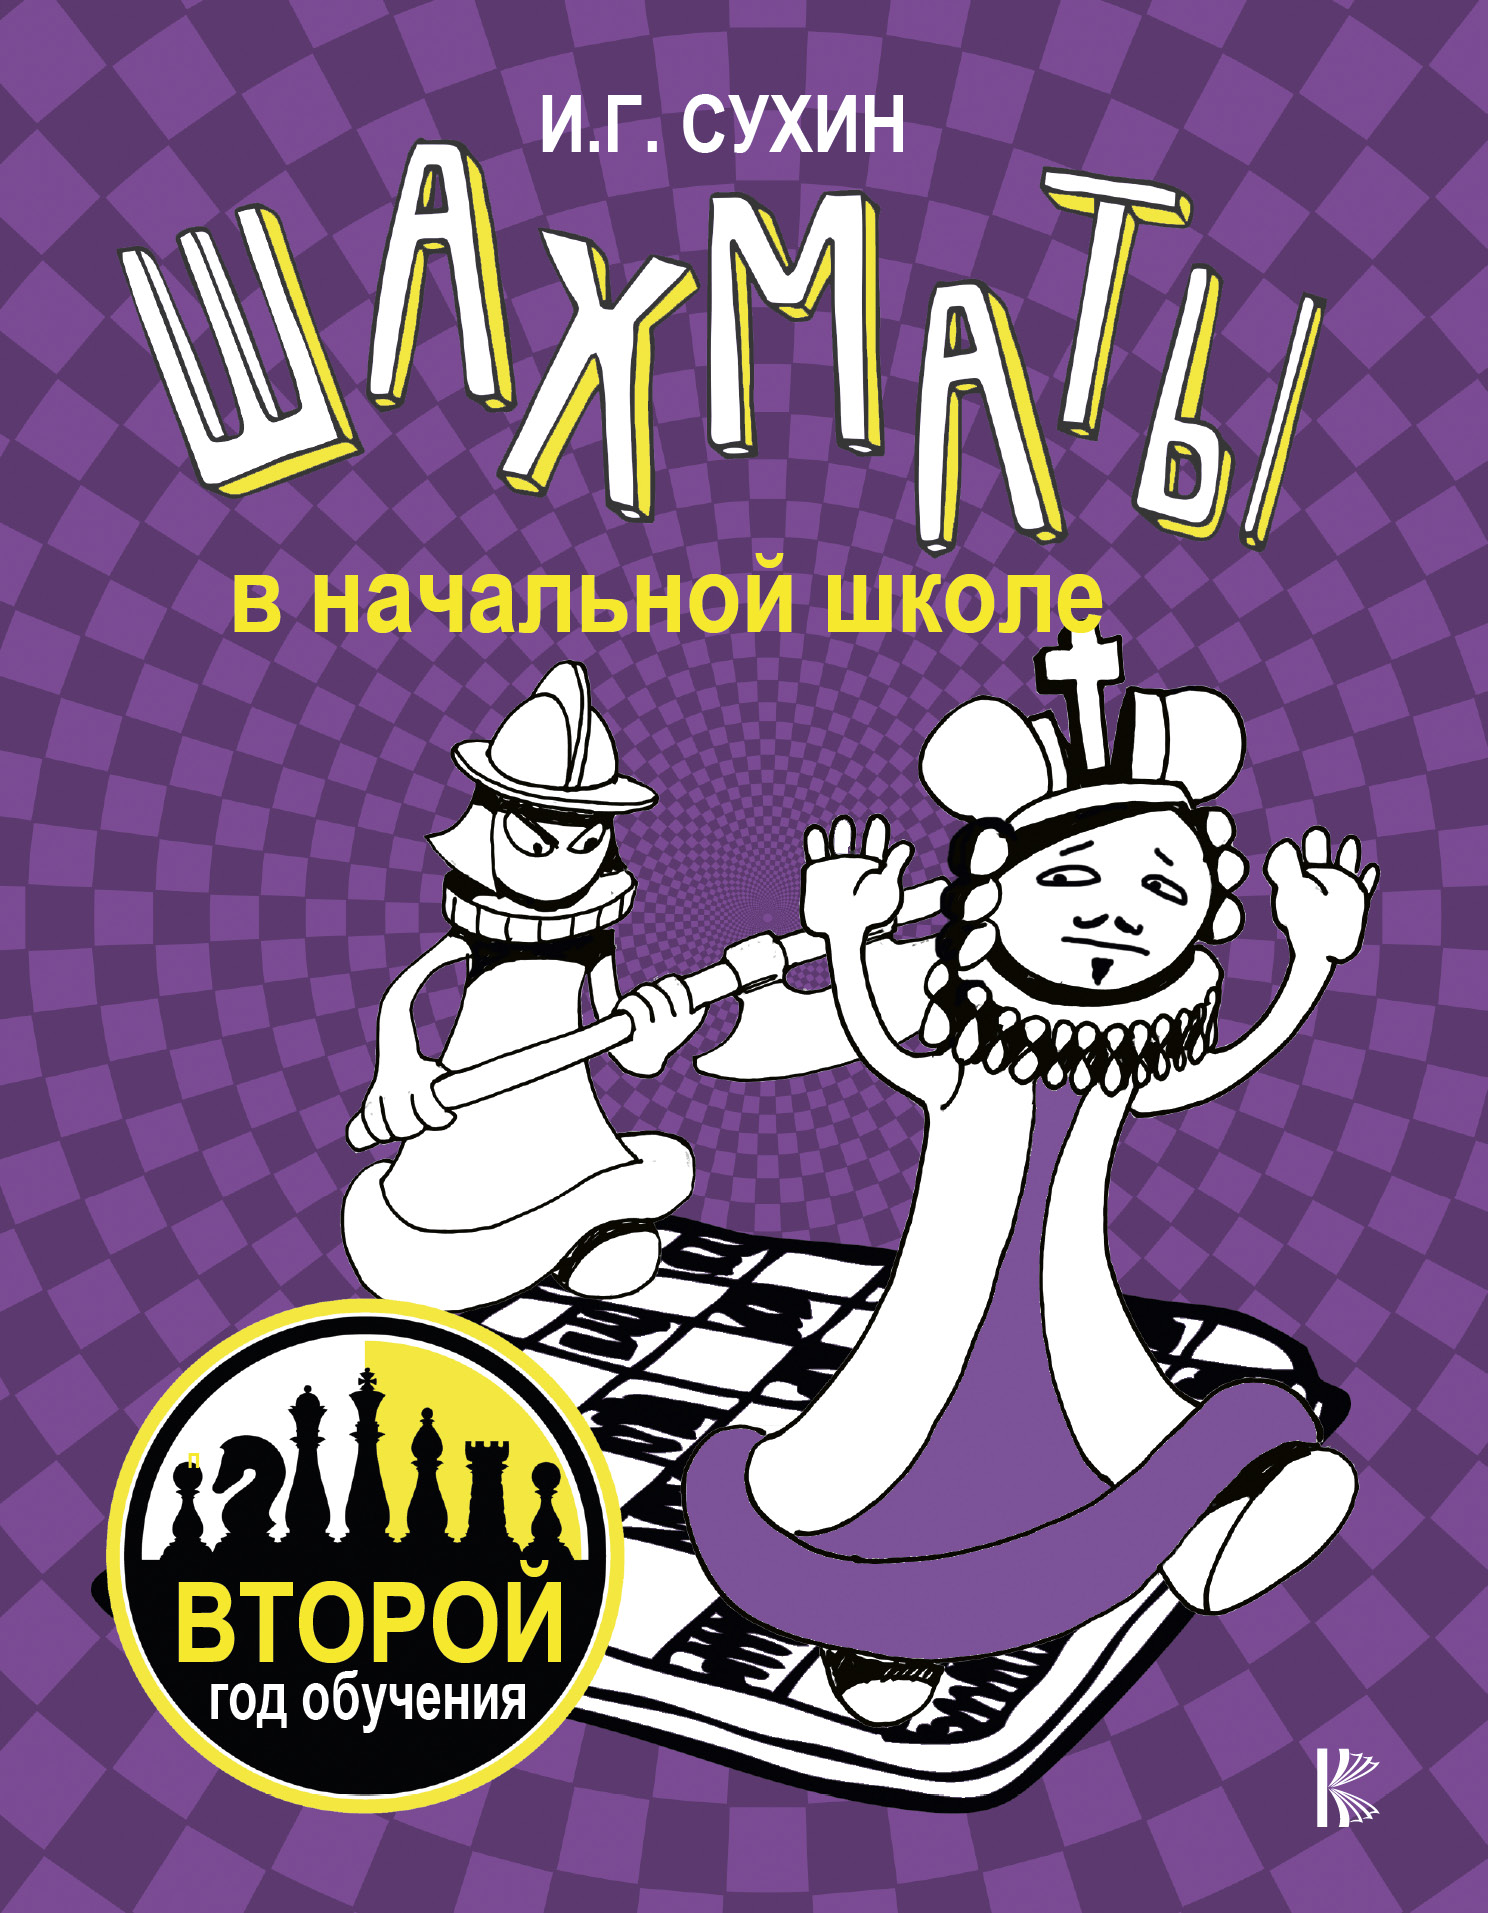 Игорь Сухин Шахматы в начальной школе. Второй год обучения цена